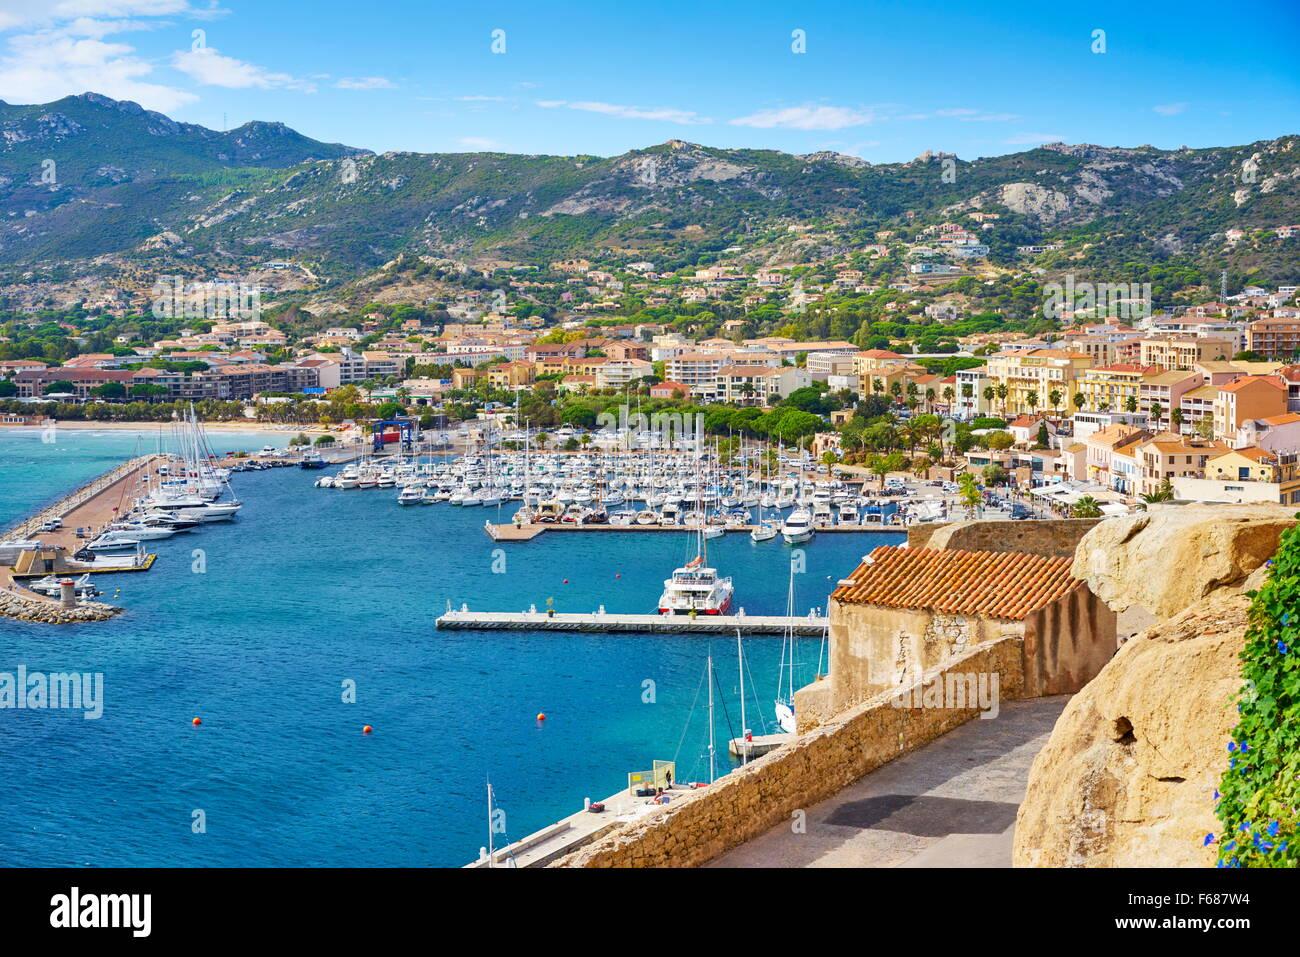 Yachthafen von Calvi, Balagne, Korsika, Frankreich Stockbild